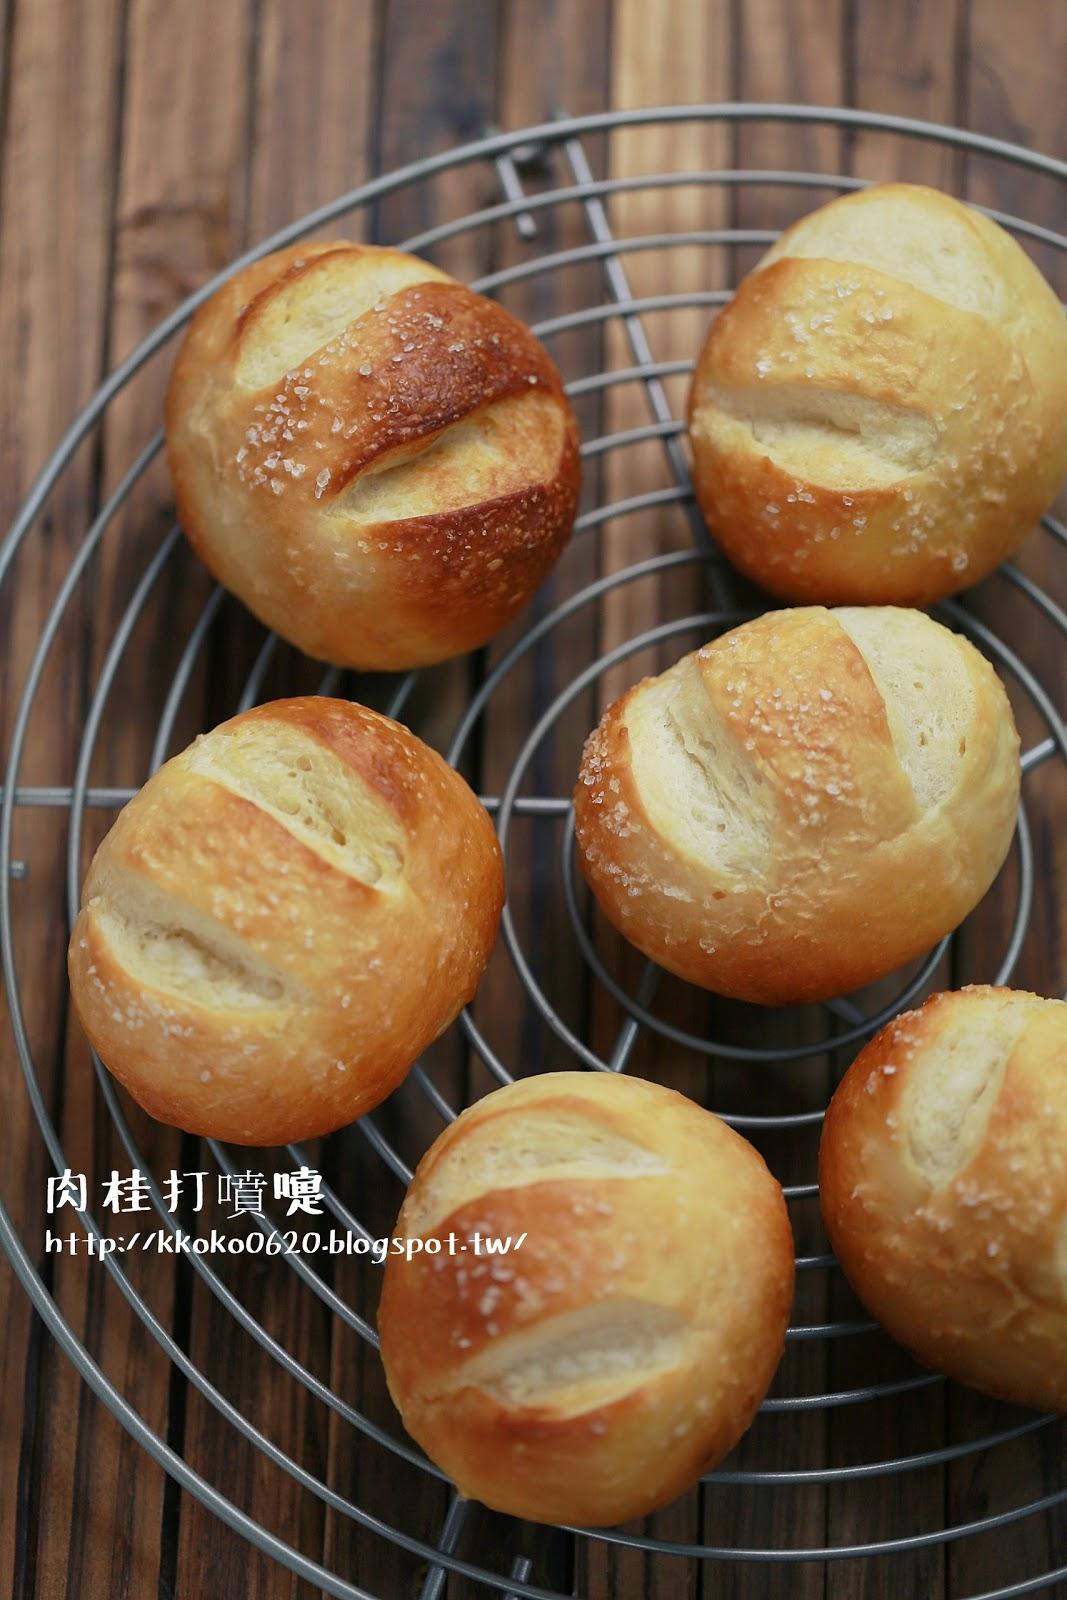 肉桂打噴嚏: 鹽奶油麵包Ⅱ